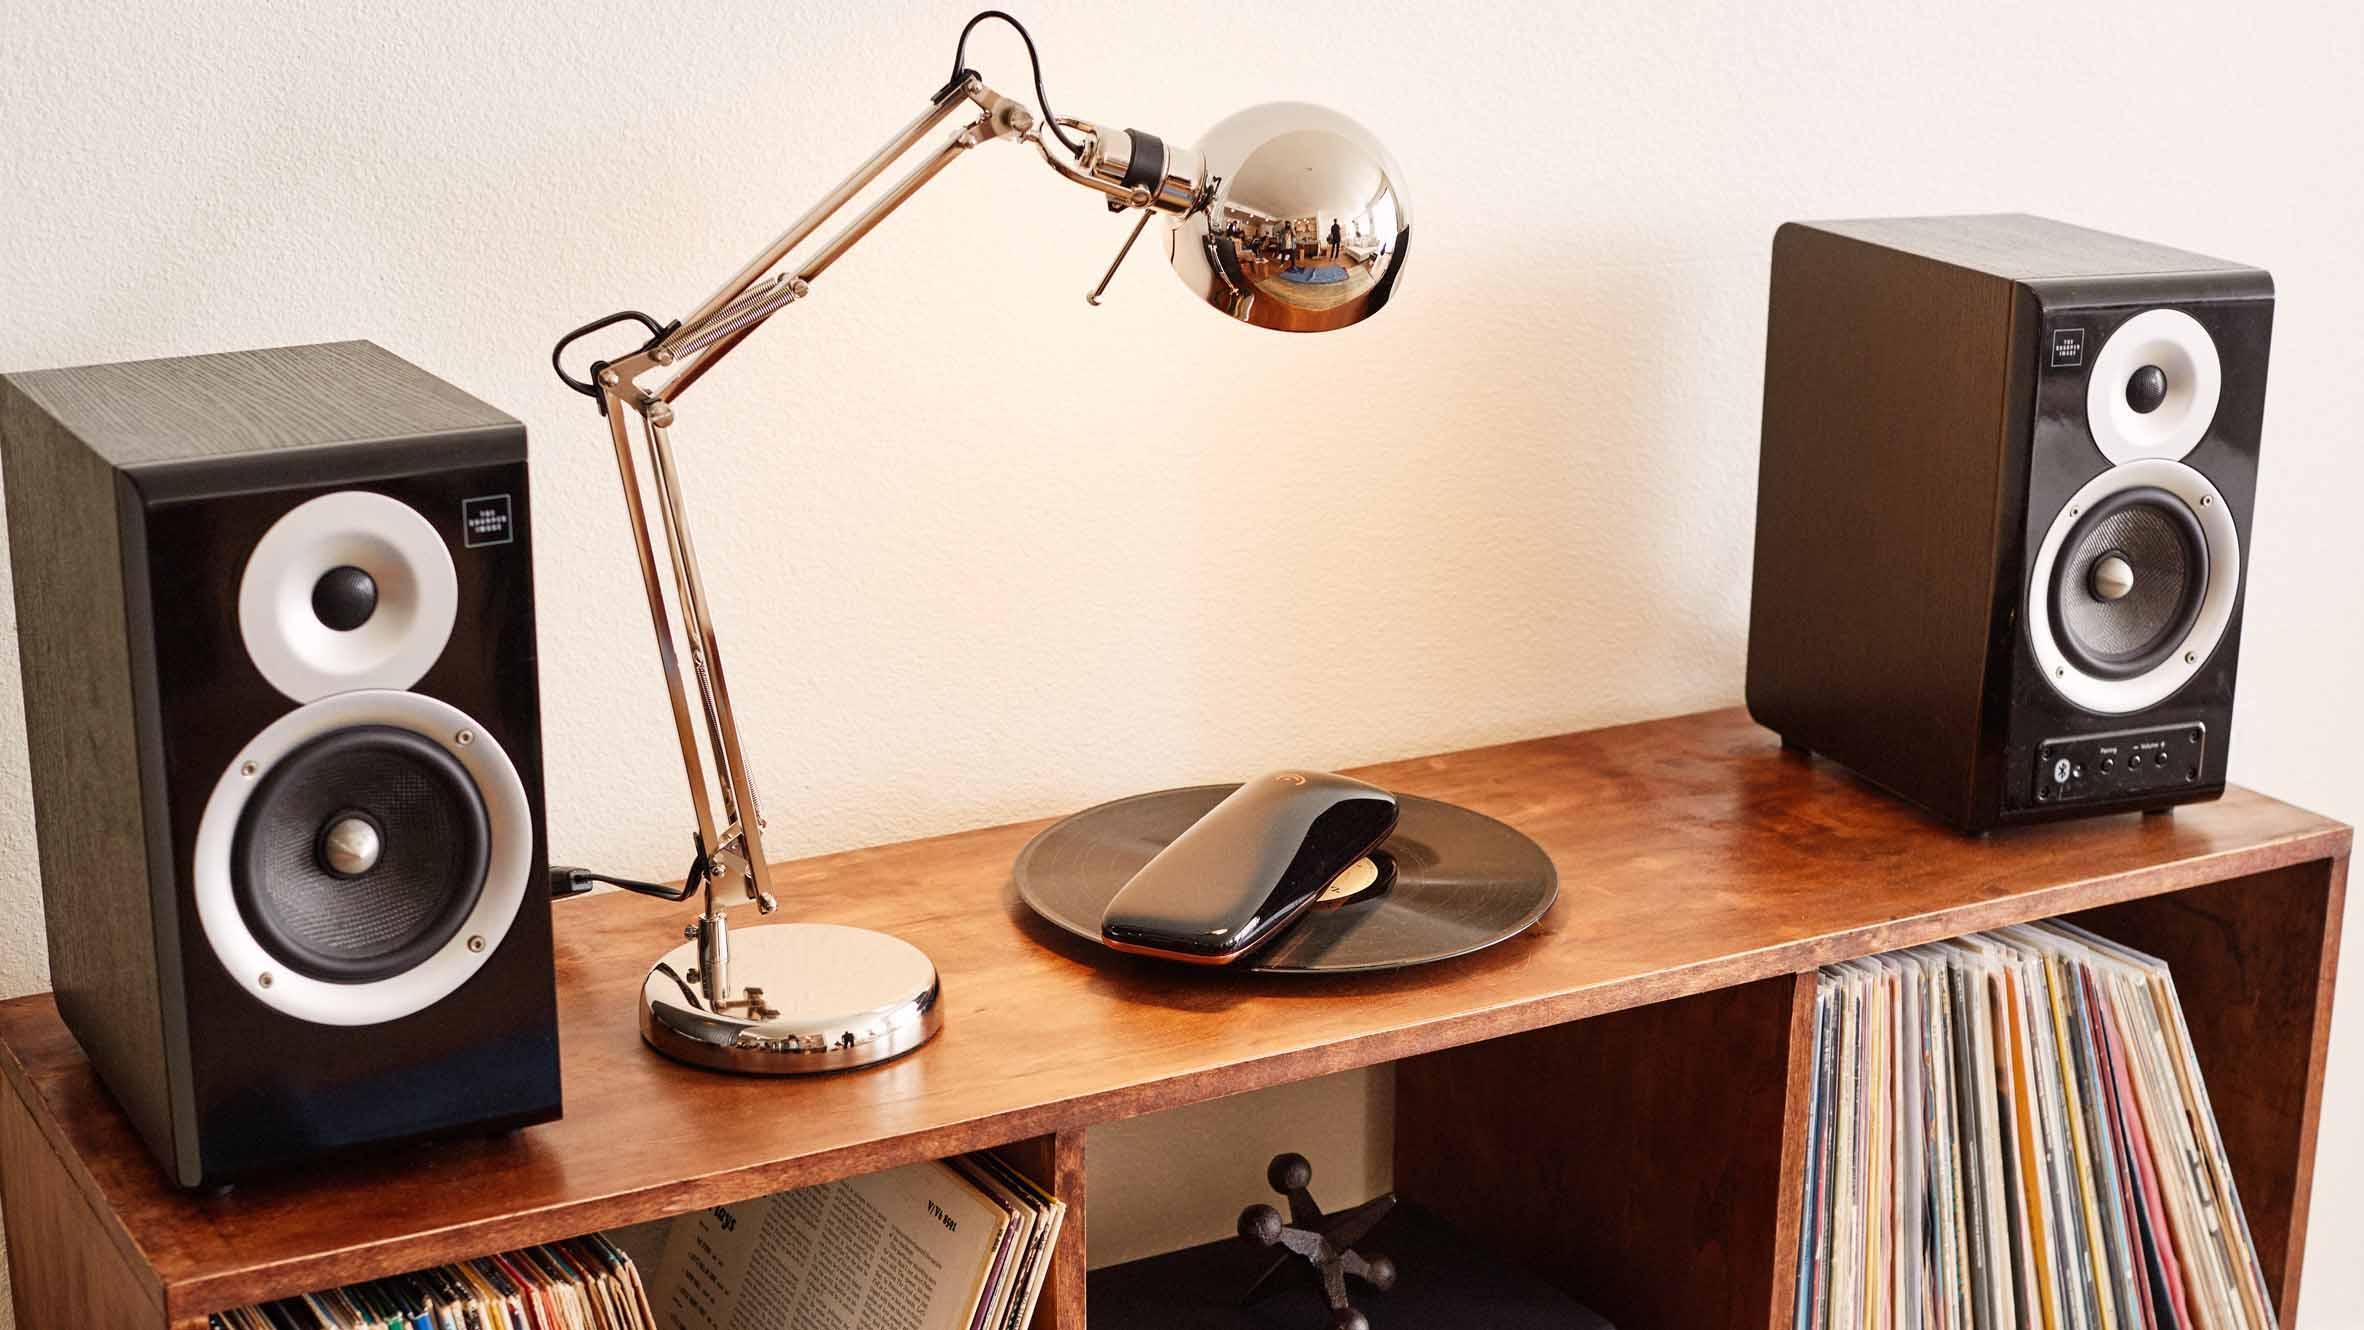 El dispositivo puede leer cualquier tamaño de disco, examinarlo y determinar el número de pistas que incluye